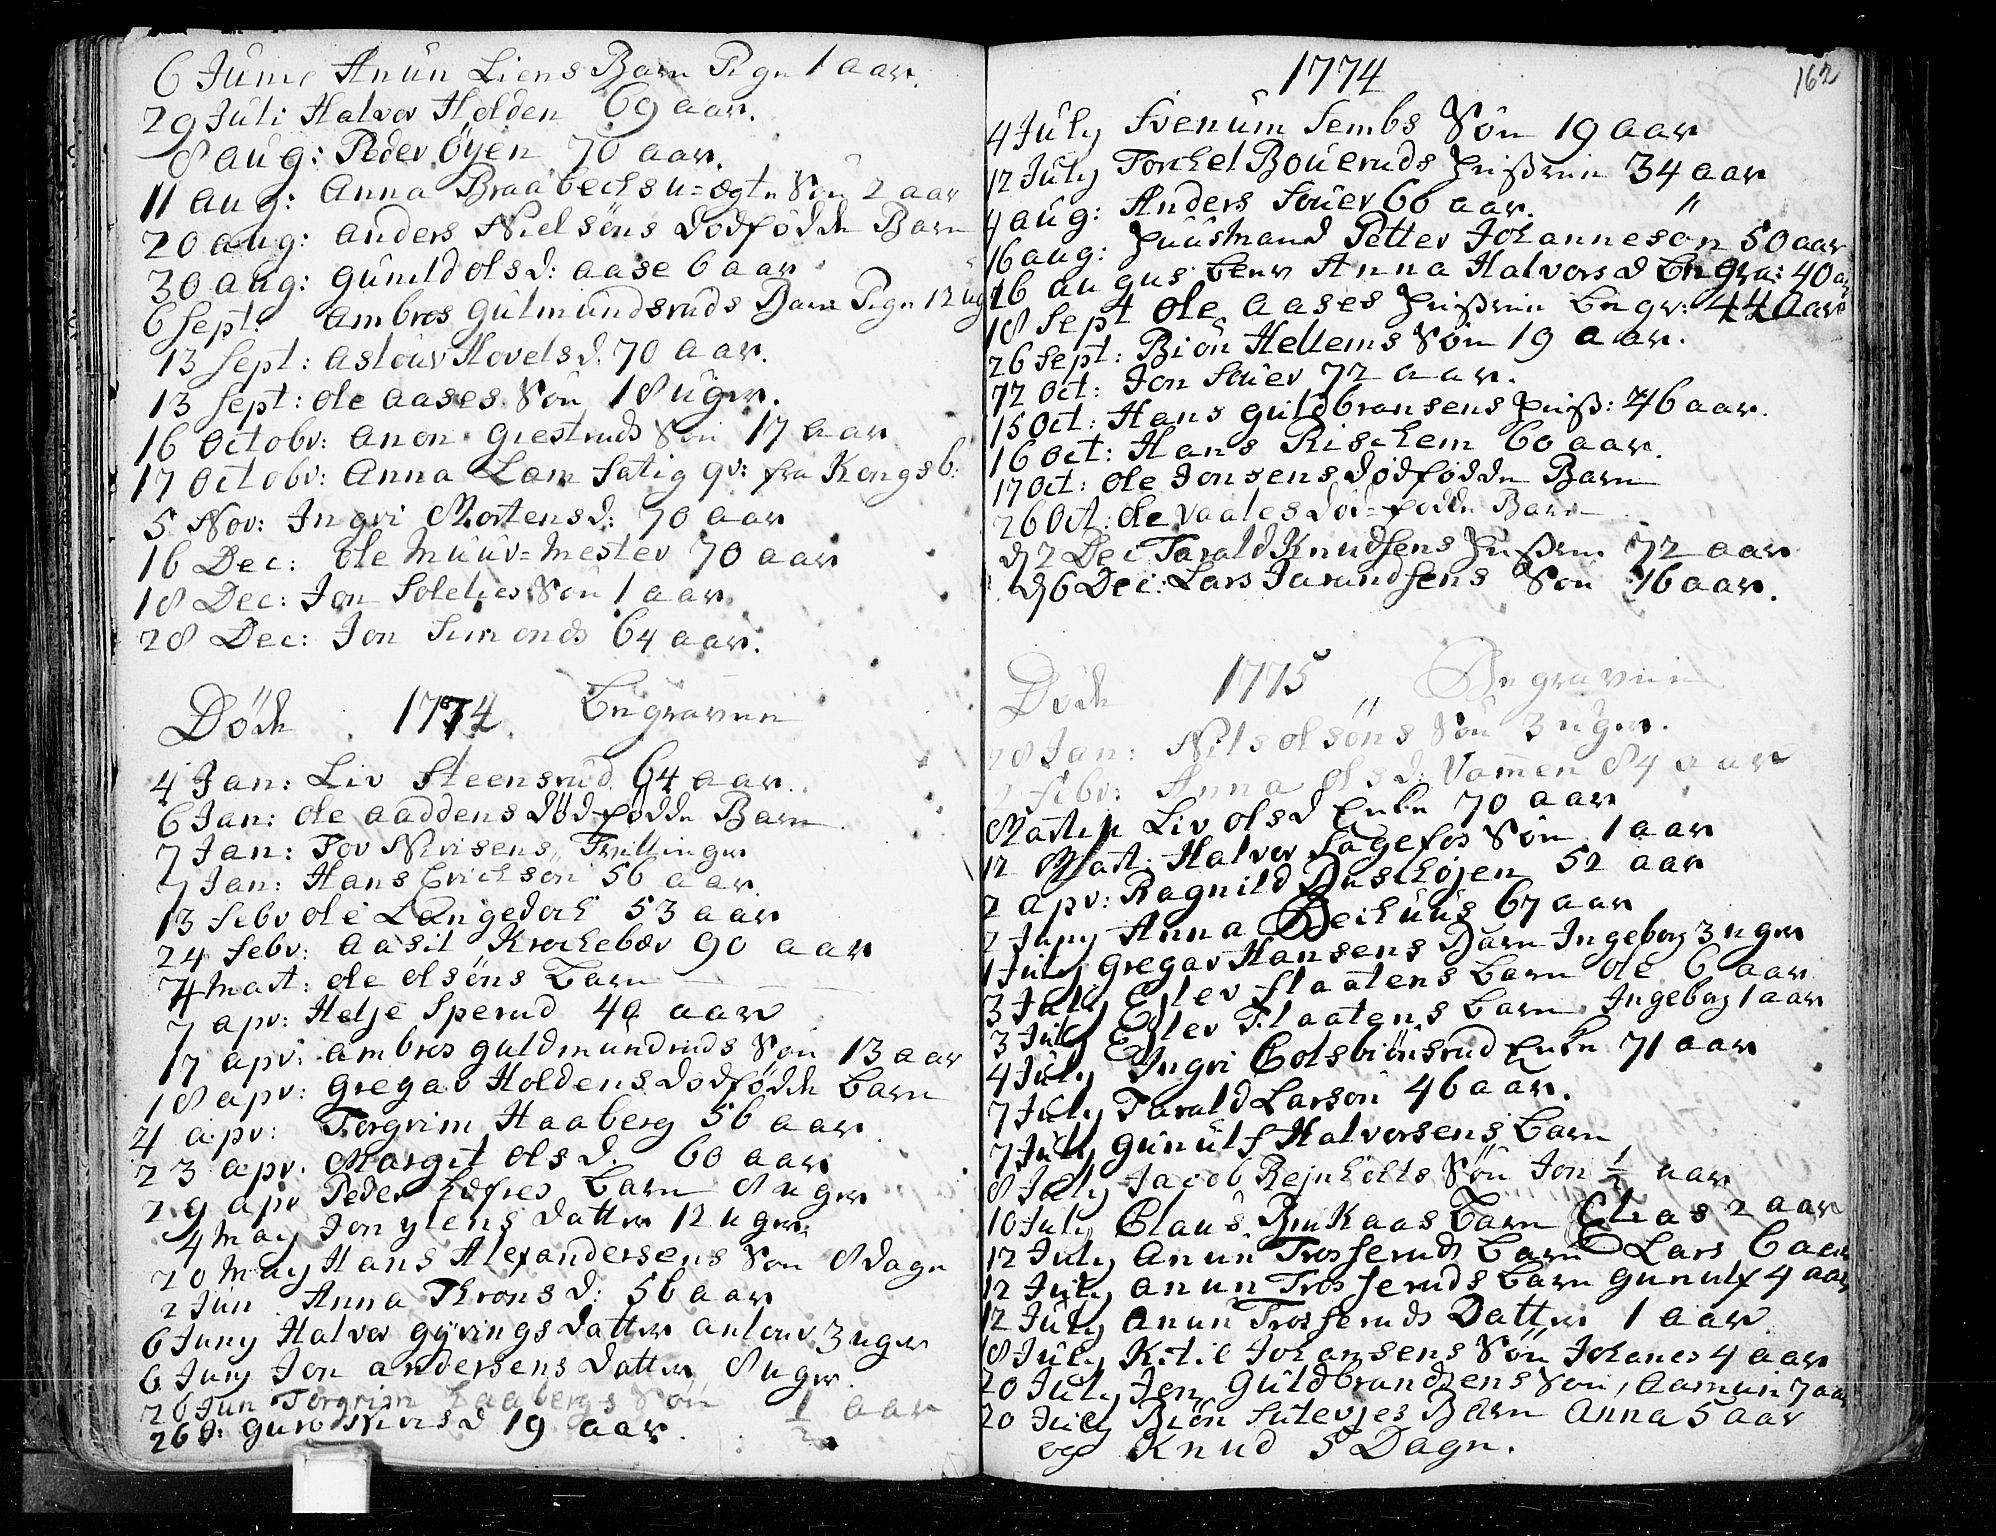 SAKO, Heddal kirkebøker, F/Fa/L0003: Ministerialbok nr. I 3, 1723-1783, s. 162